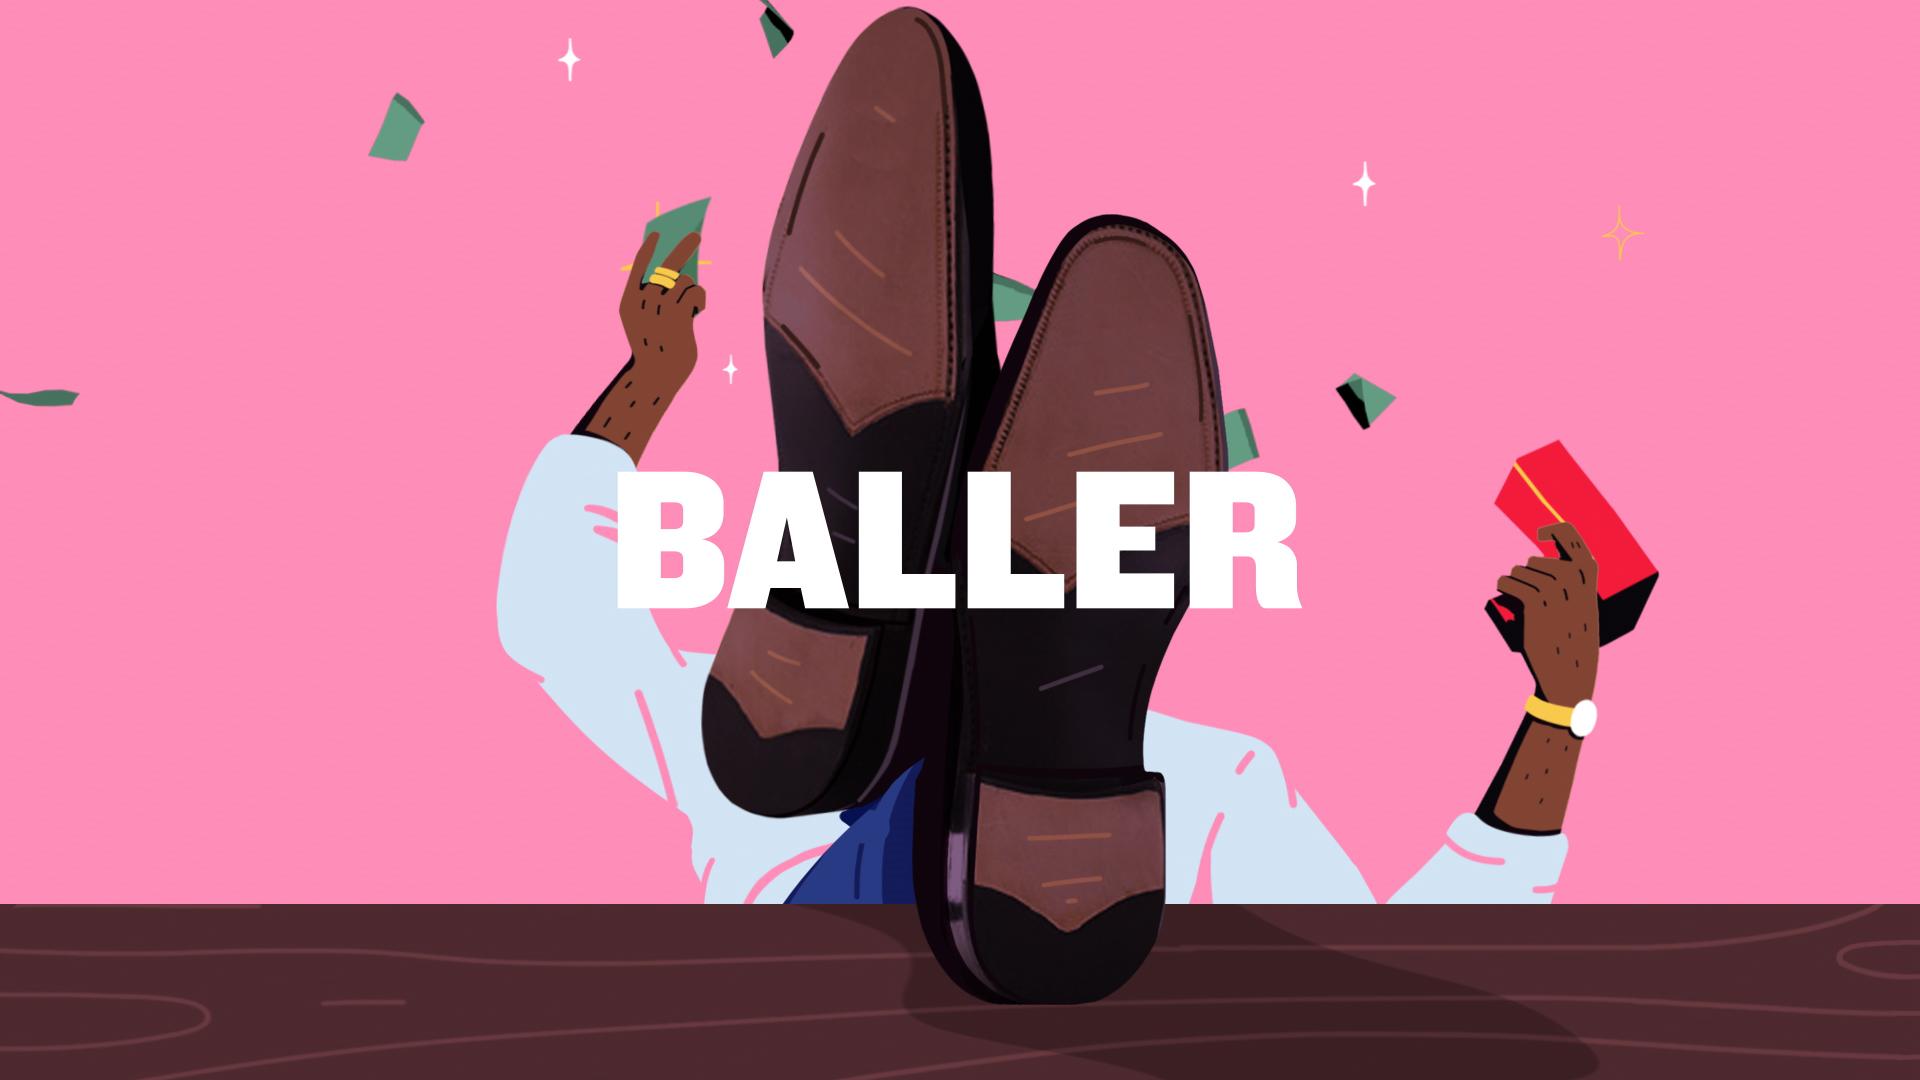 Commissioner_Baller_30_Digital_07.jpg